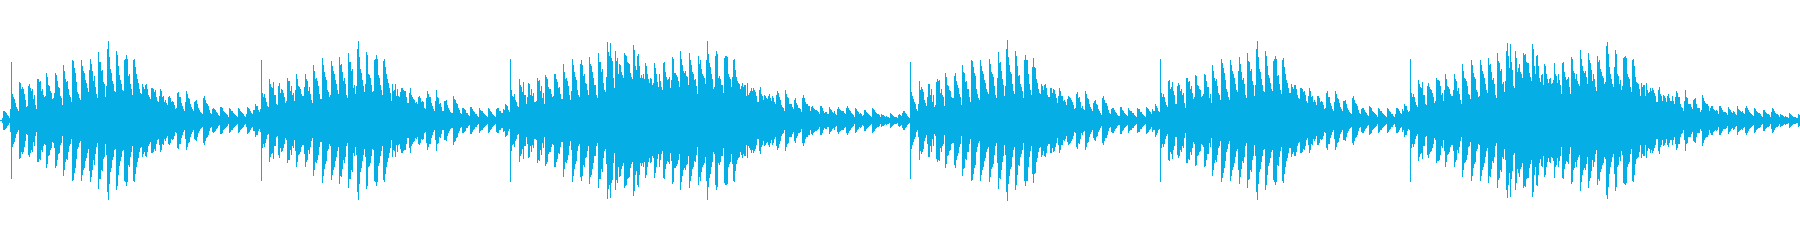 【ニュース/ドキュメンタリー/ジングル】の再生済みの波形